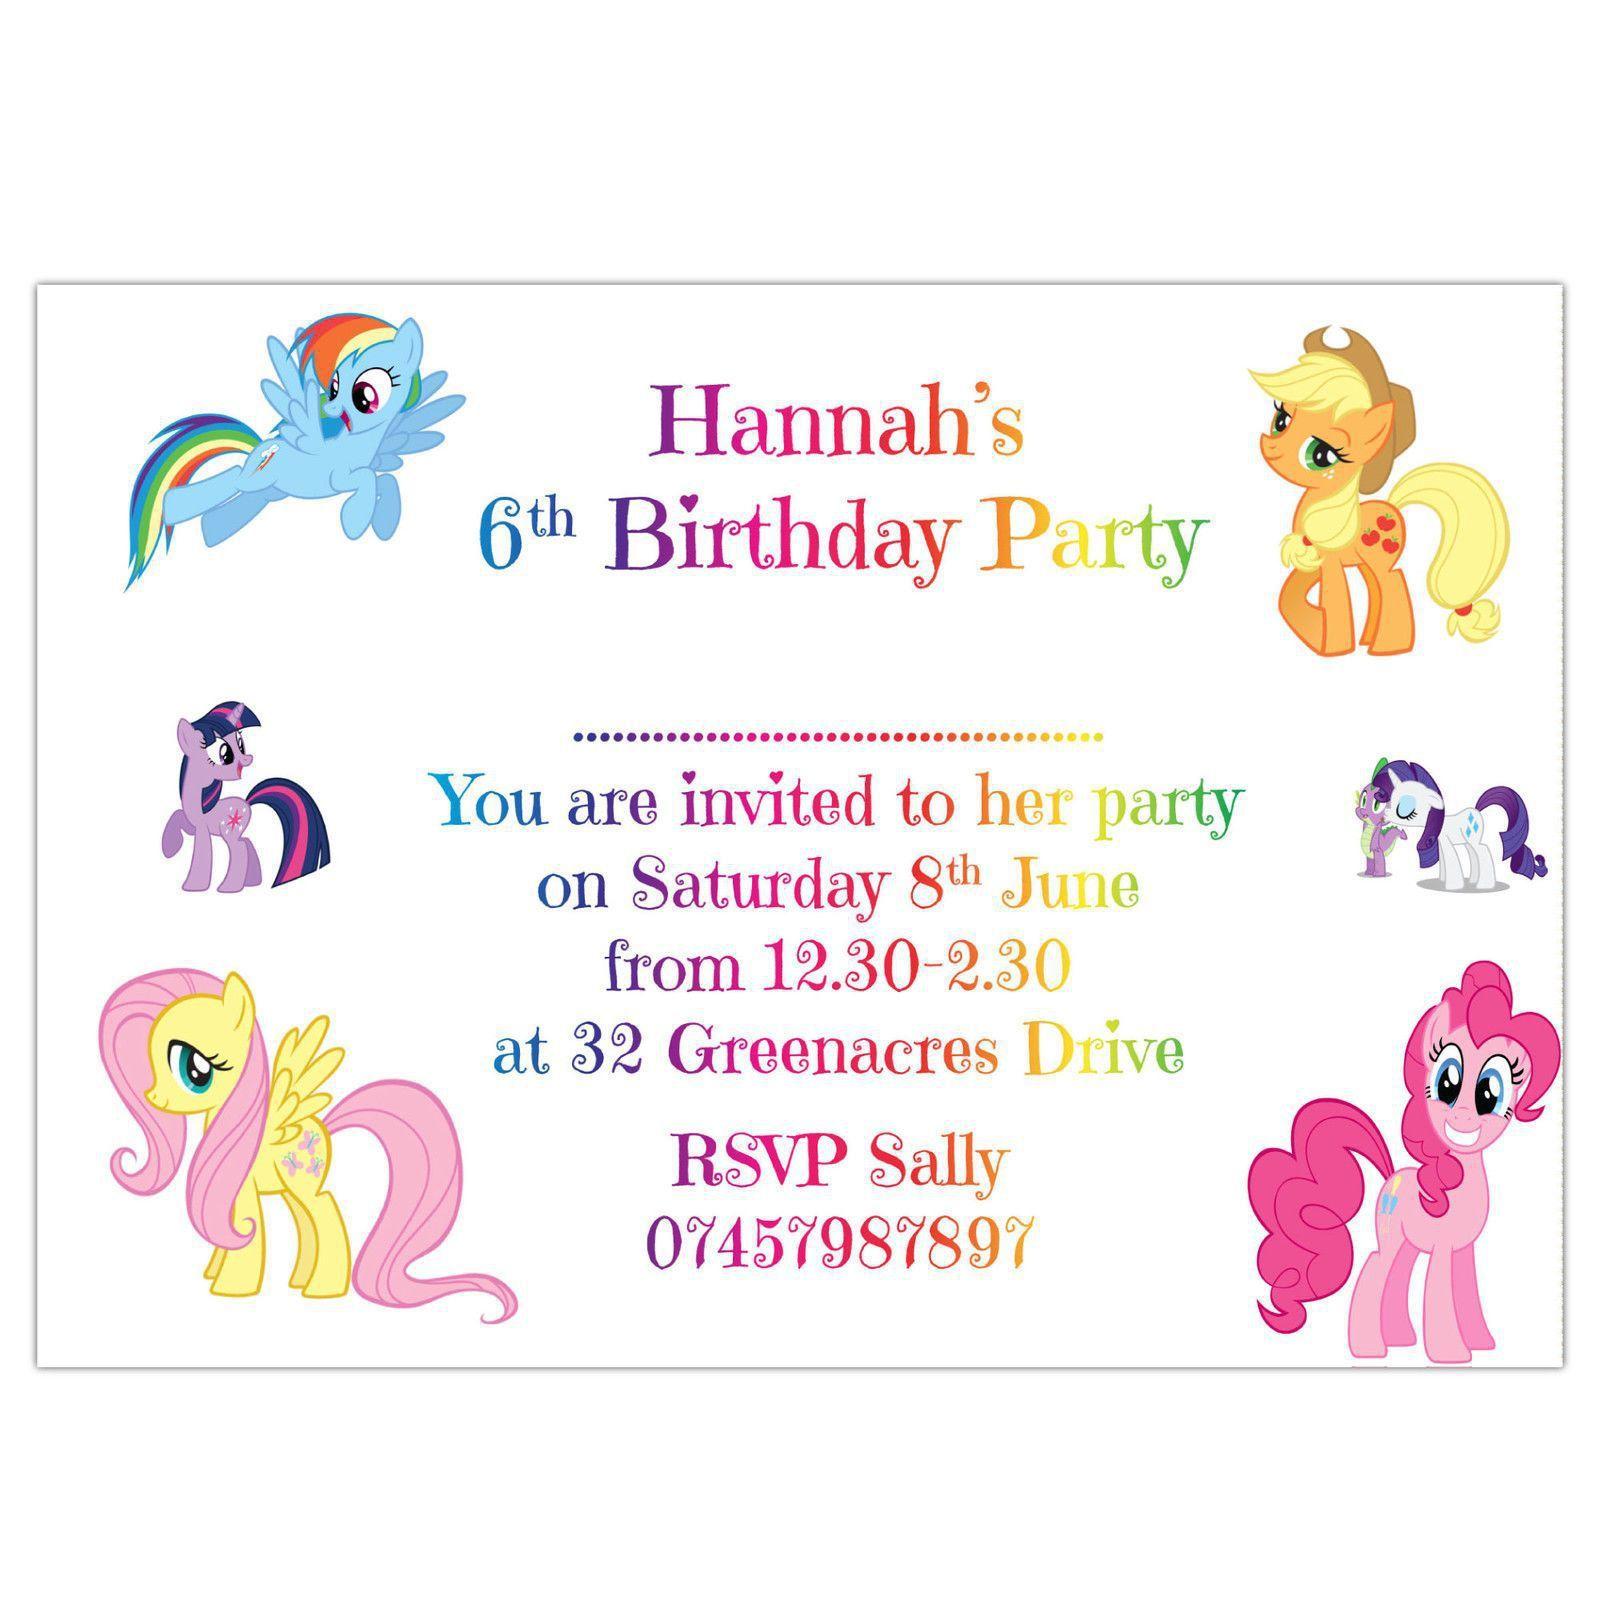 Einladung Kindergeburtstag Kostenlos Drucken | Geburtstag Einladung ...